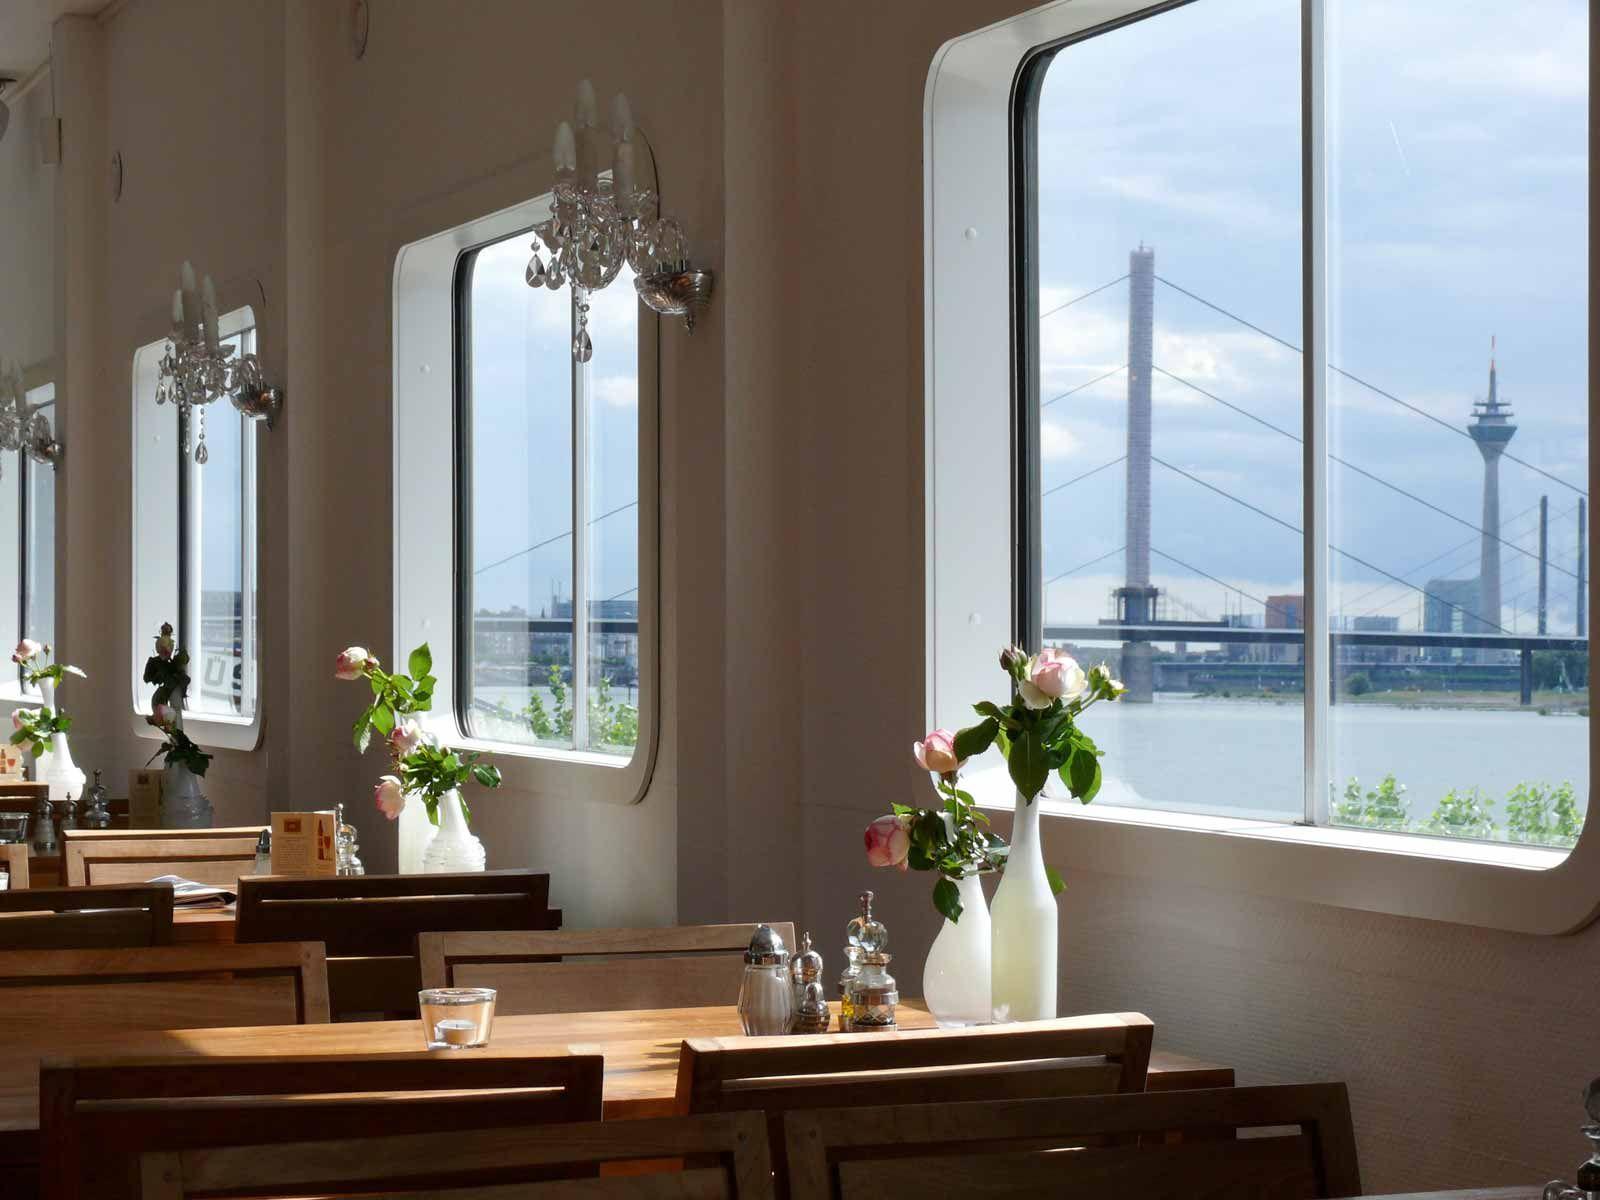 Restaurant Rhein Dusseldorf Canoo Club Dusseldorf Restaurant Rheine